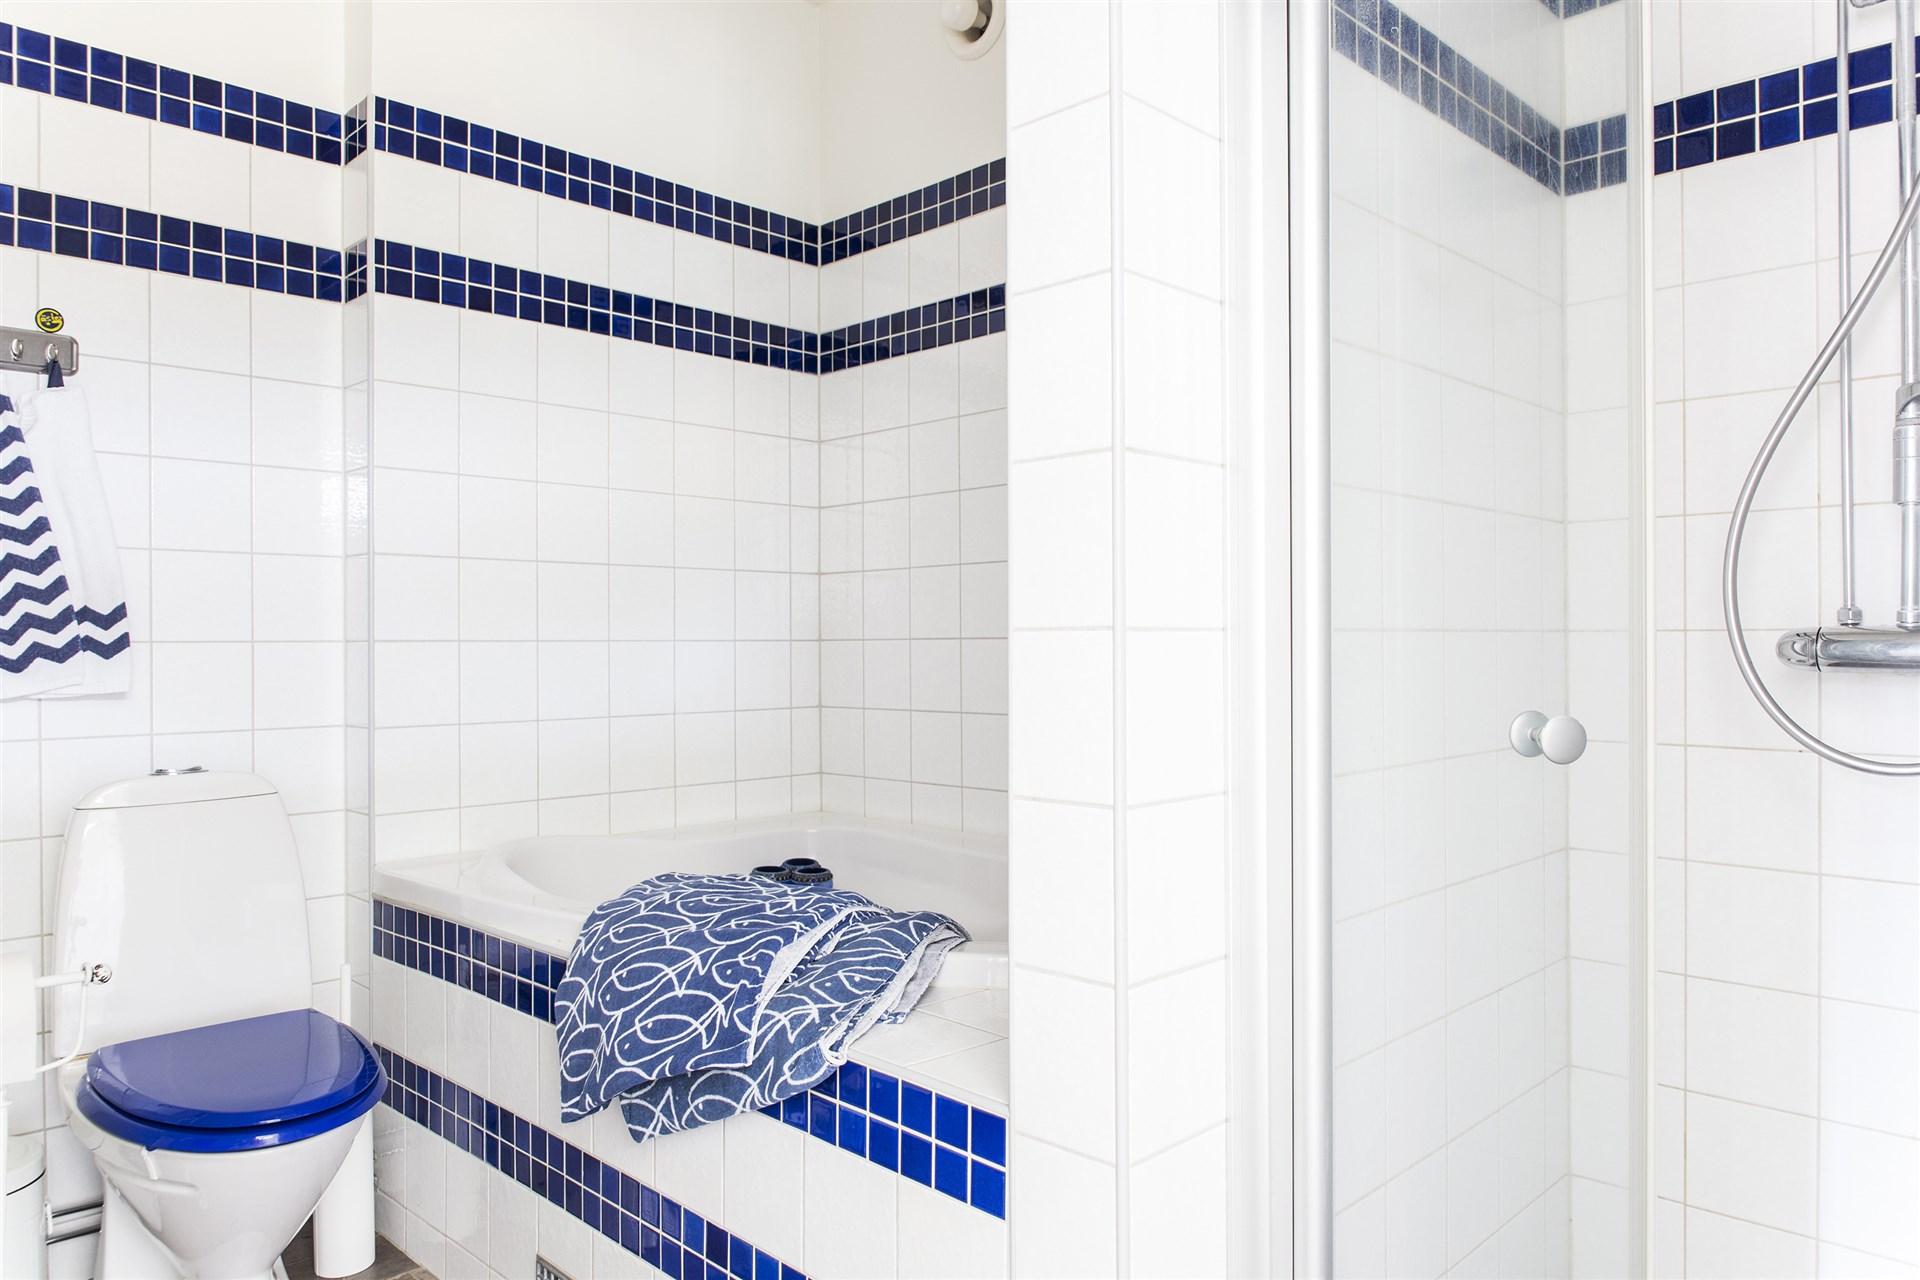 Badrummet på entréplan - med kakel och klinkers.